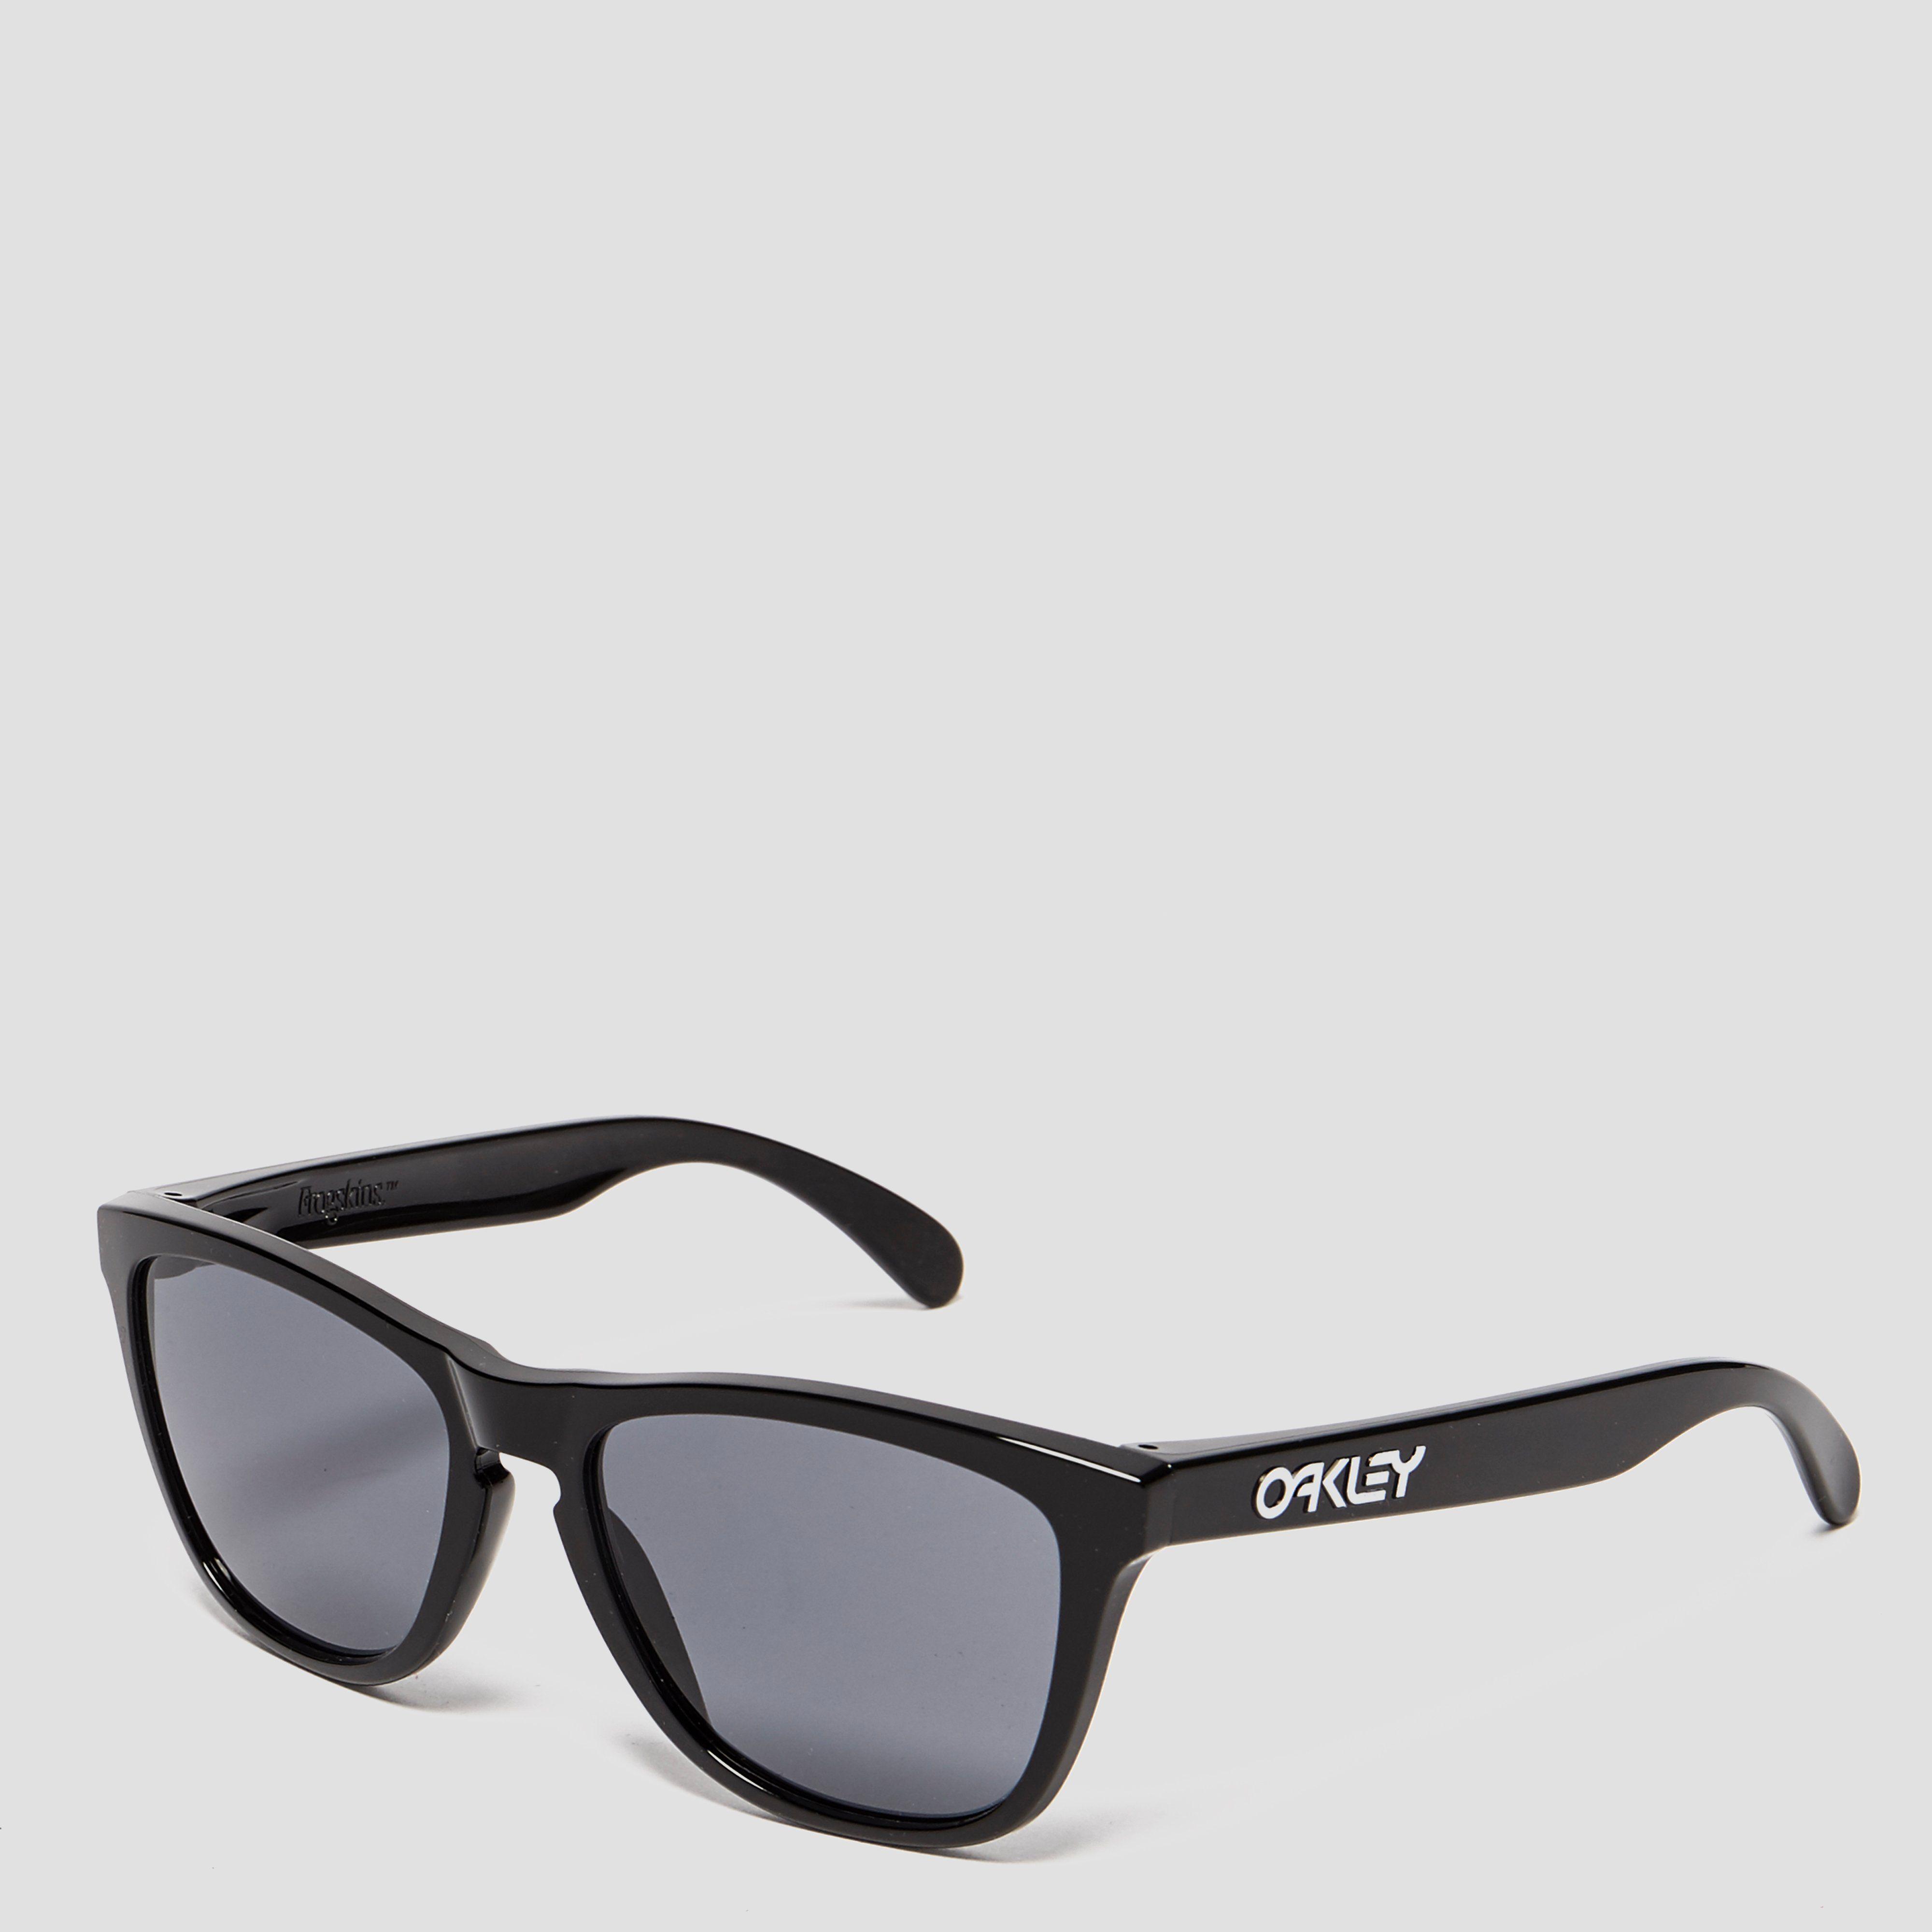 OAKLEY Frogskins™  Sunglasses